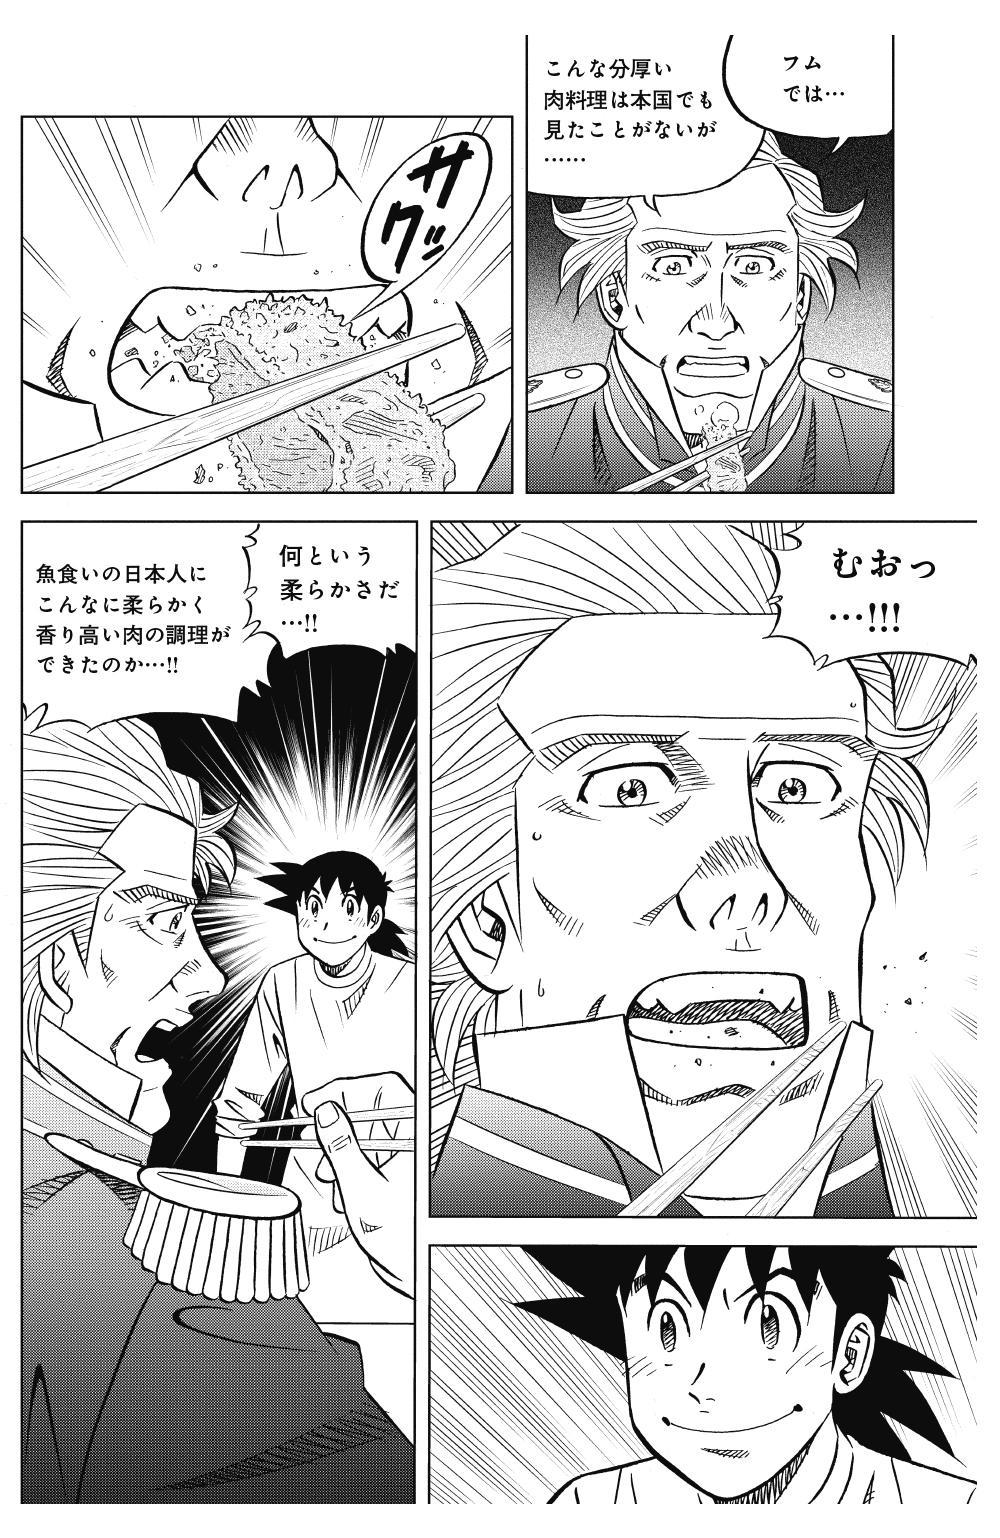 ミスター味っ子 幕末編 第1話「黒船来航」③ajikko31.jpg